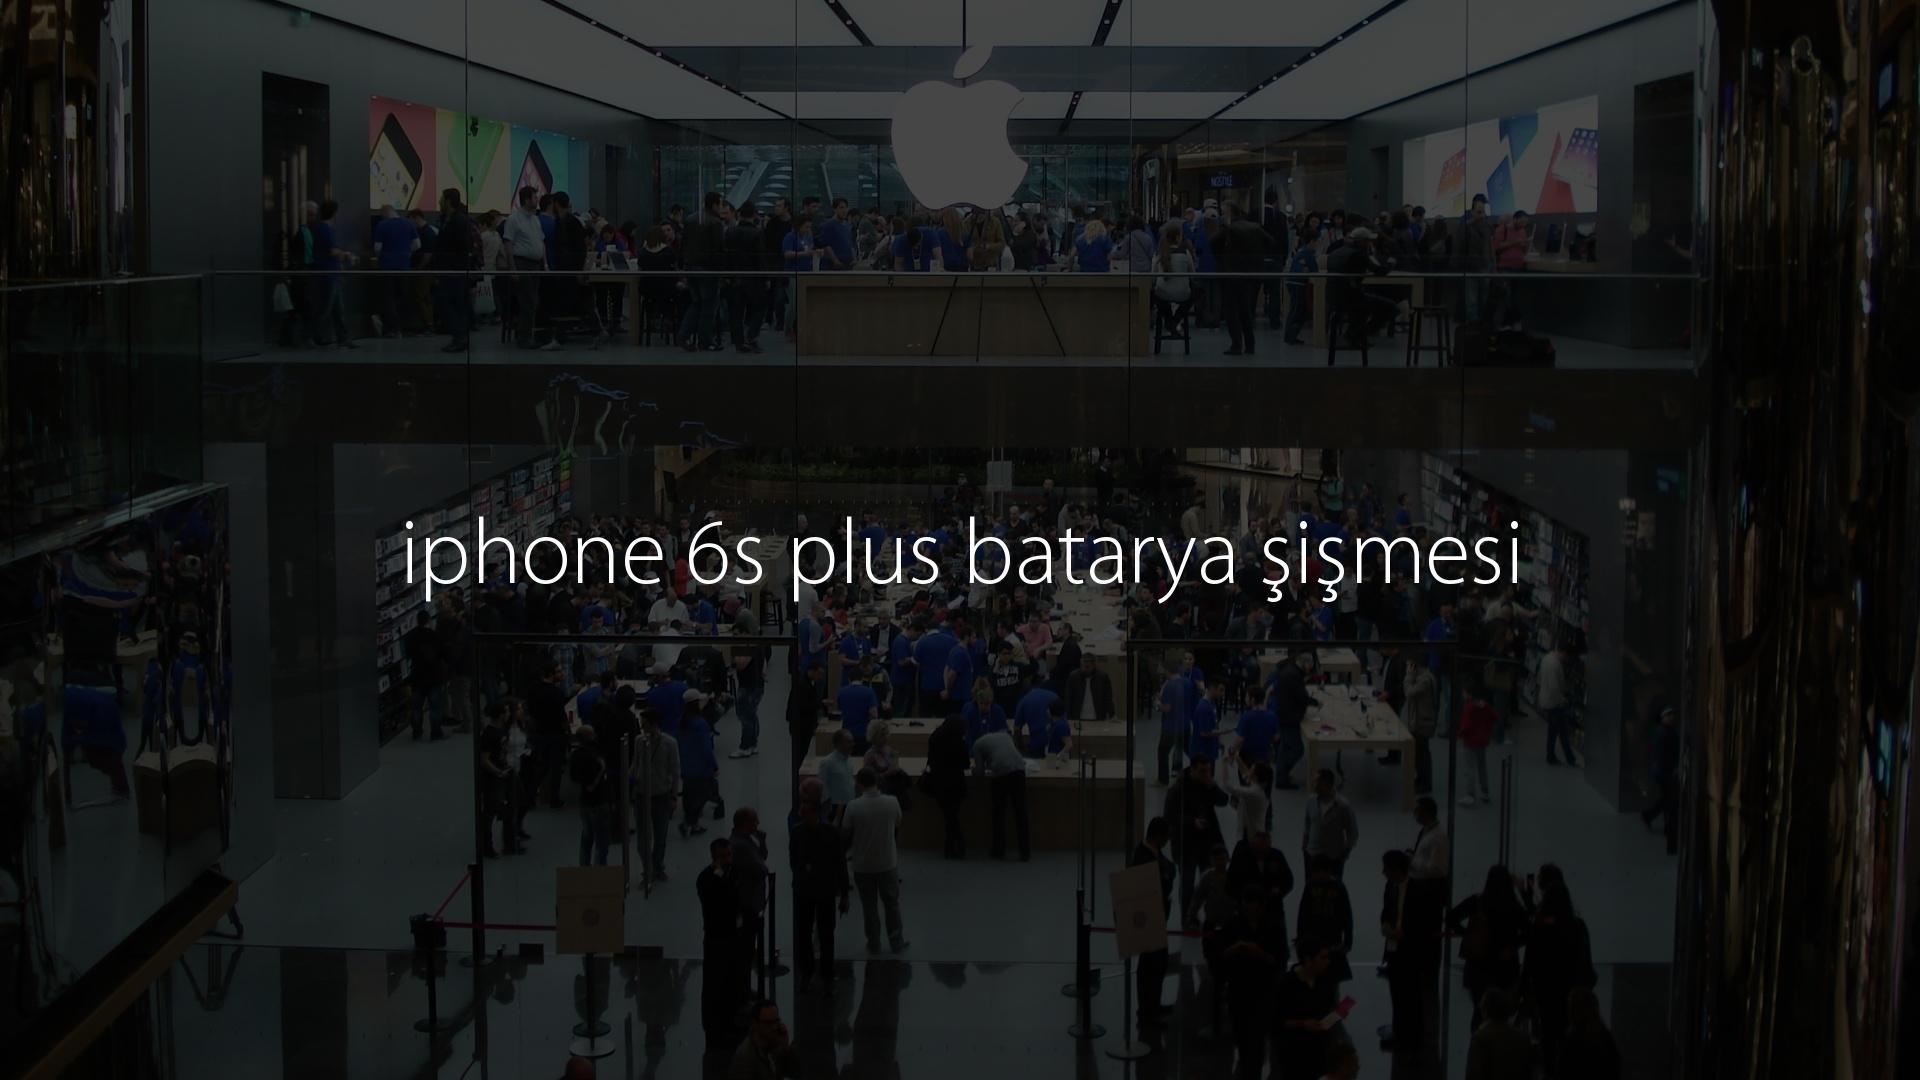 iphone 6s plus batarya şişmesi